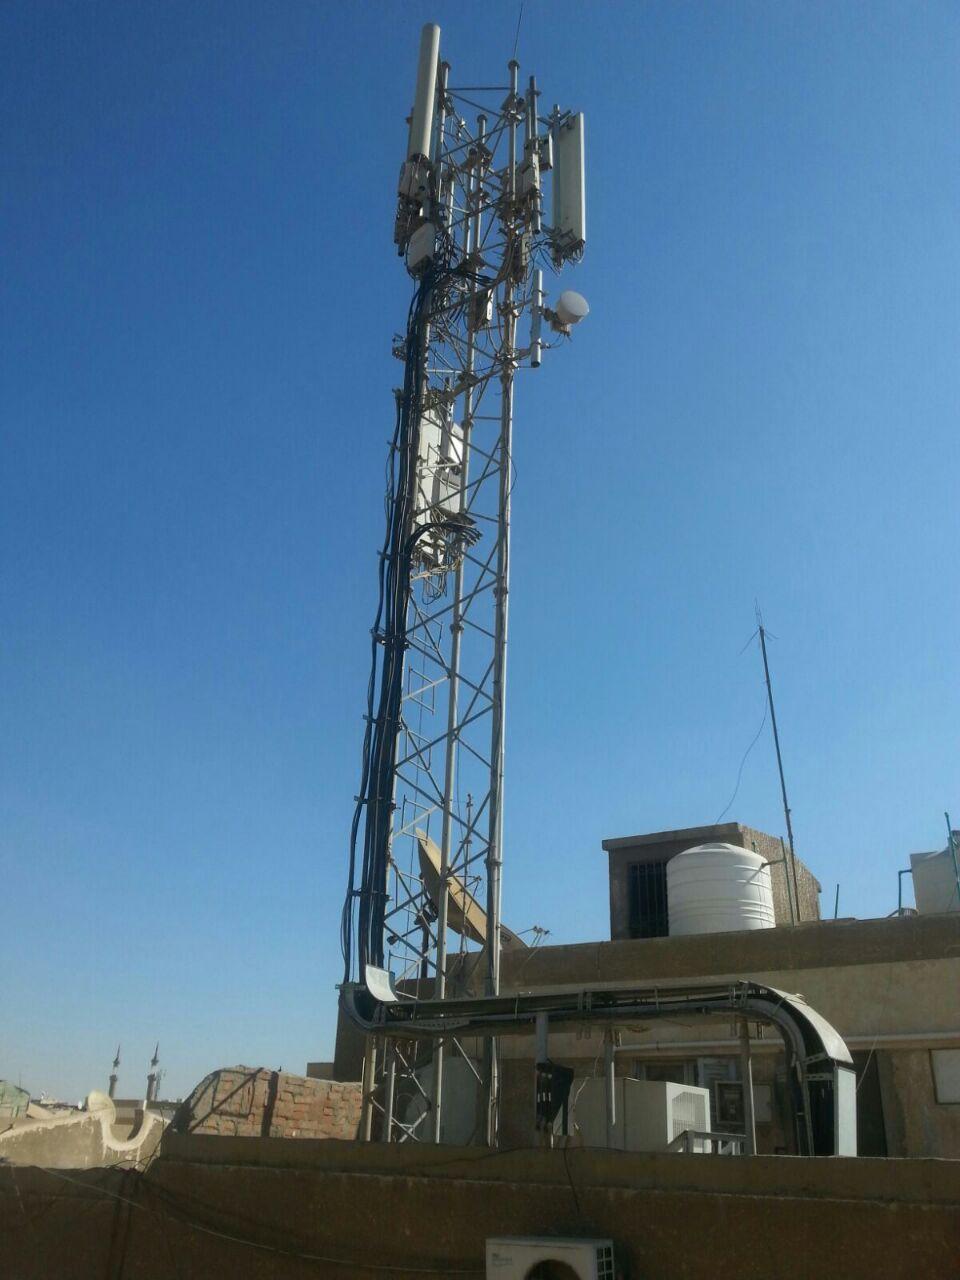 المقطم.. مطالب بتنفيذ قرار إزالة برج محمول مخالف بالهضبة العليا (صور)